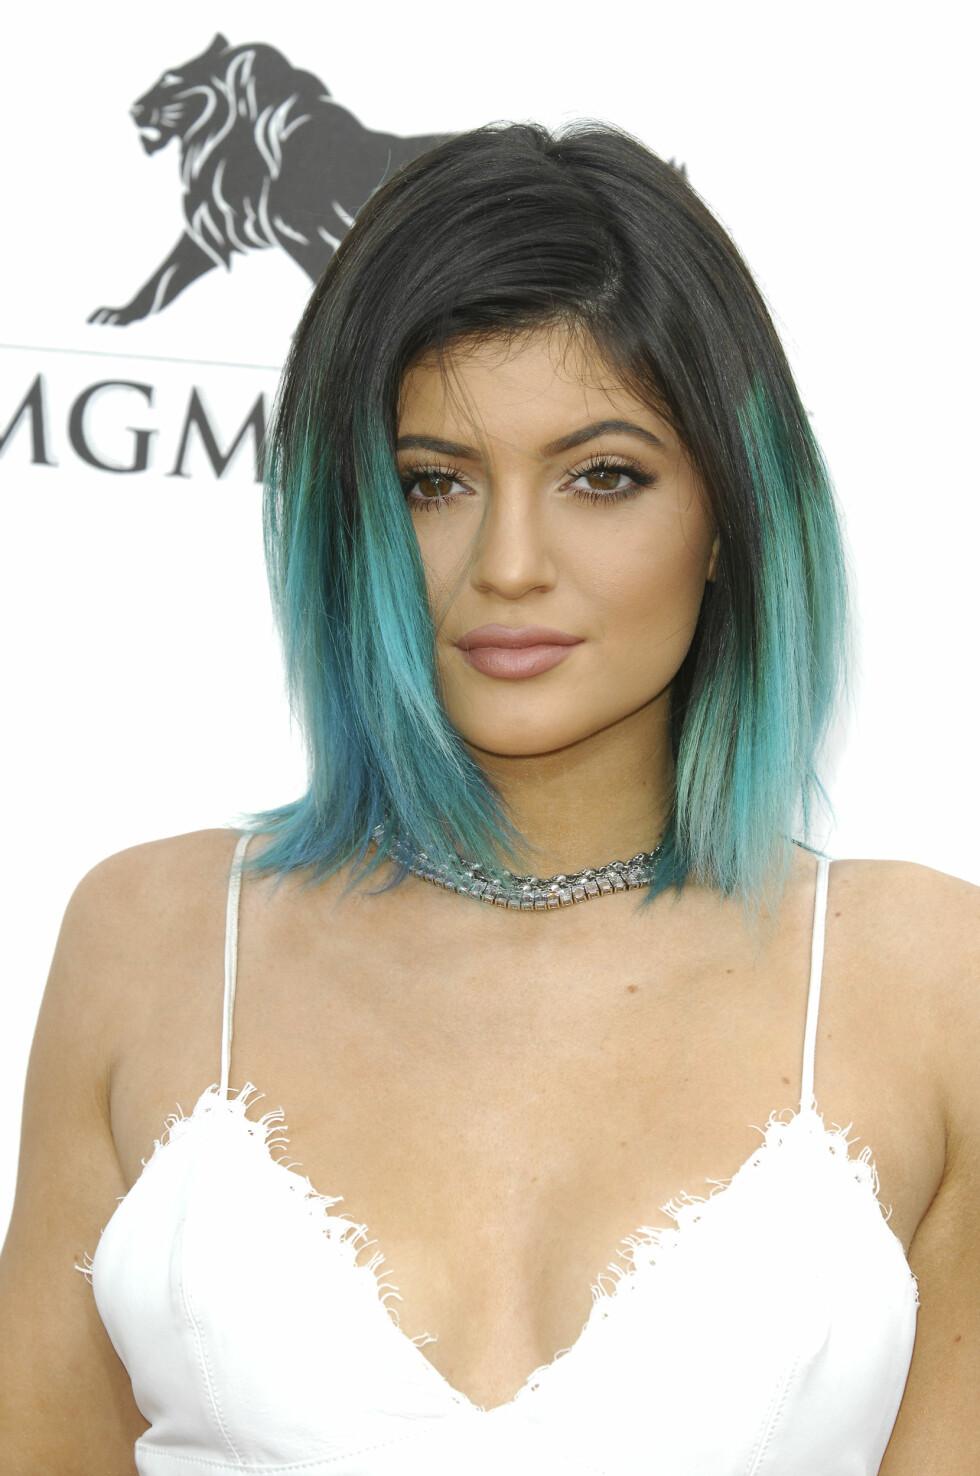 Den yngste av Kardashian-søstrene, Kylie Jenner, kombinerte hvit kjole og sølvchoker med sitt grønne hår.  Foto: All Over